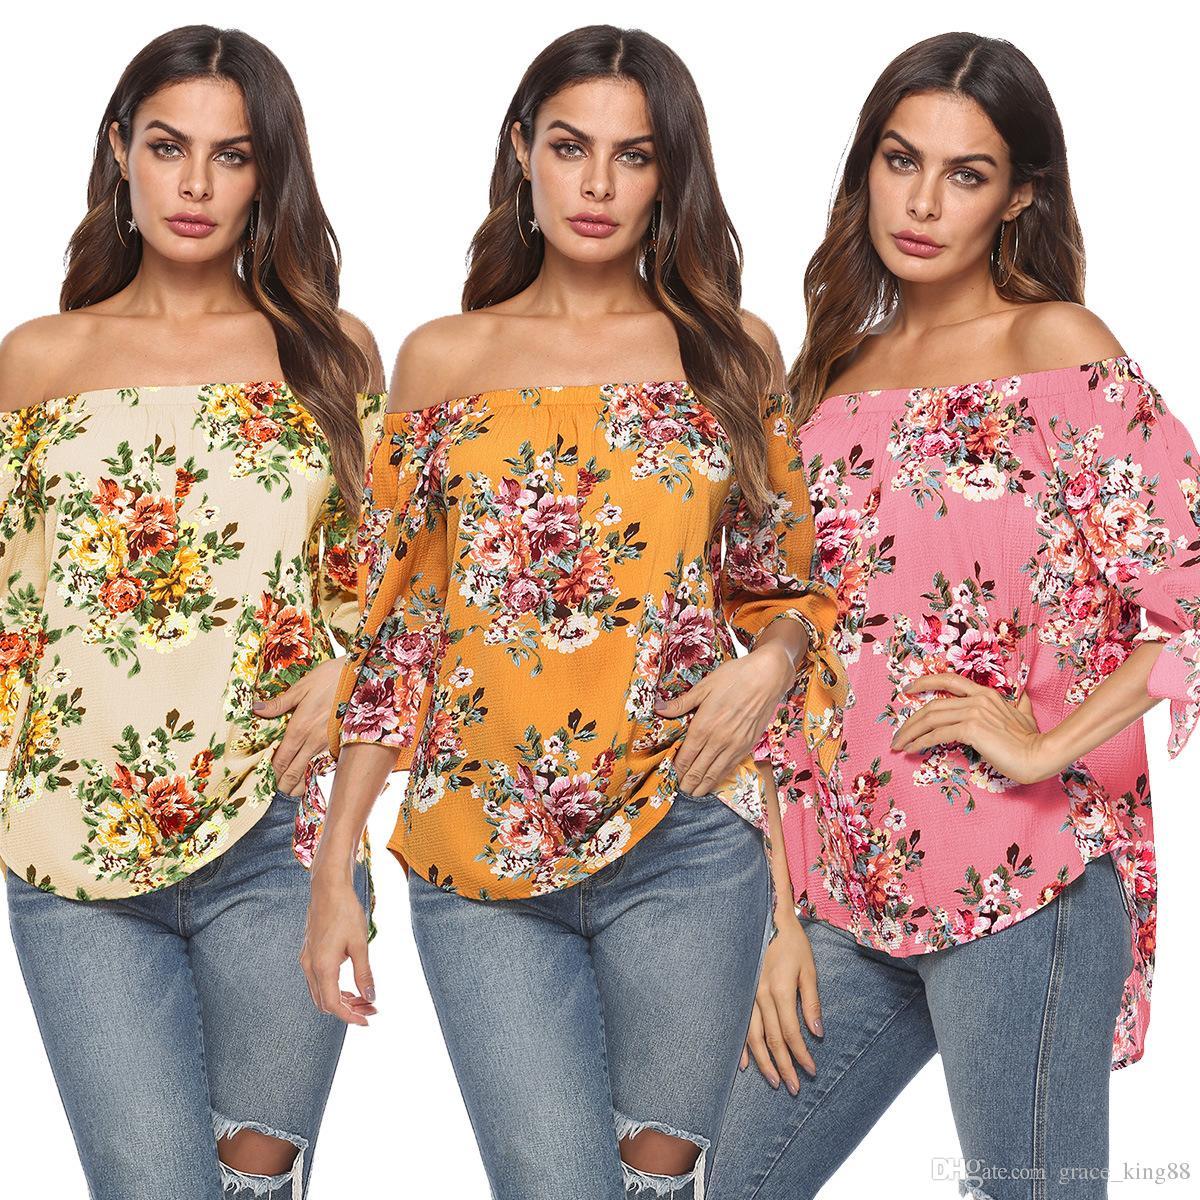 e03ed57cc25 Compre 2018 Nuevo Estilo De Moda Para Mujer Camisa Con Estampado De Flores  Blusa Moda De Mujer Con Hombro Suelto Top Blusa Camiseta S M L XL A  12.06  Del ...